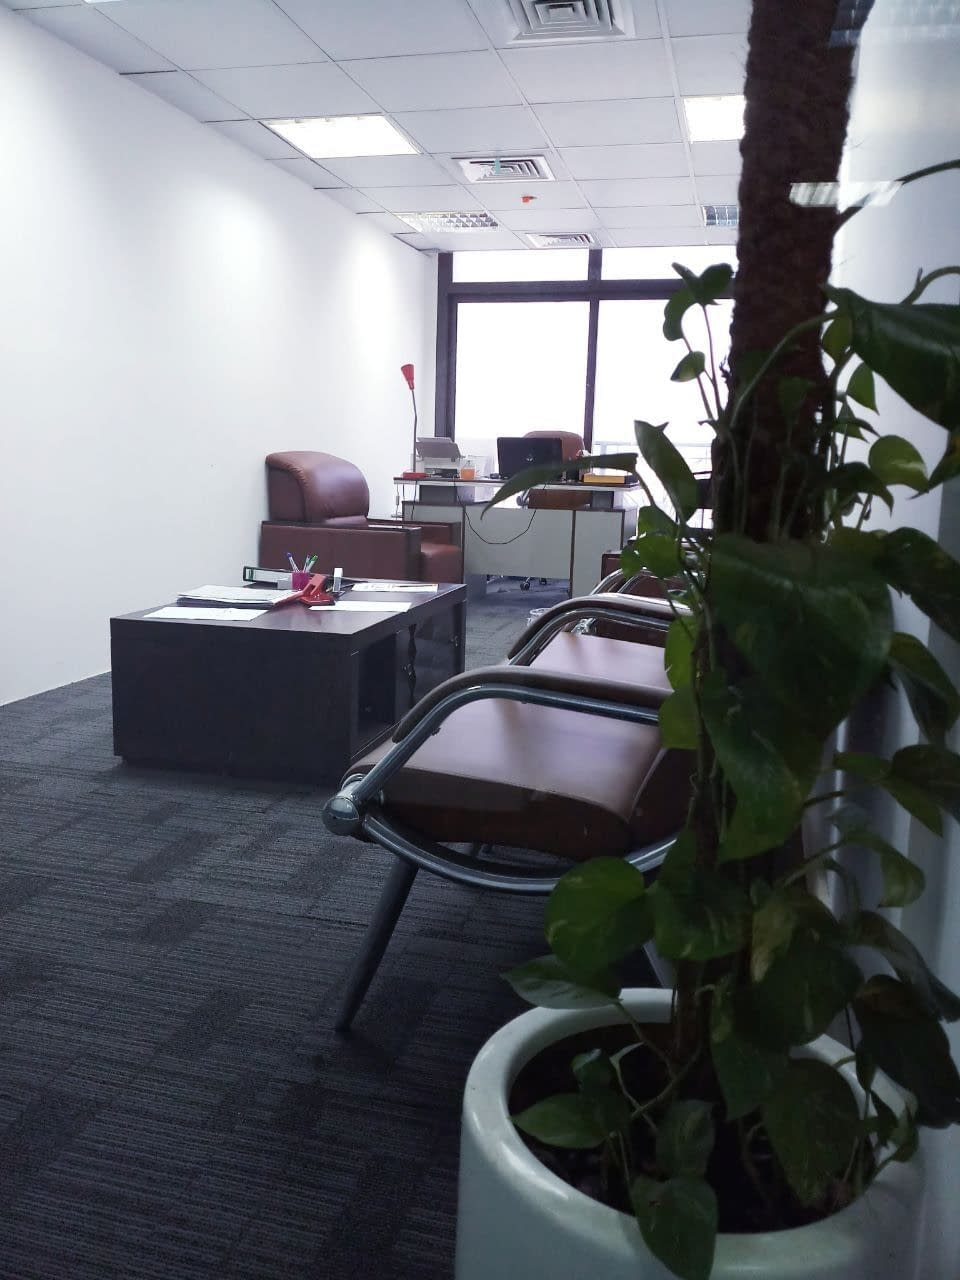 نساعدكم على انشاء مؤسسة أو شركة جديدة